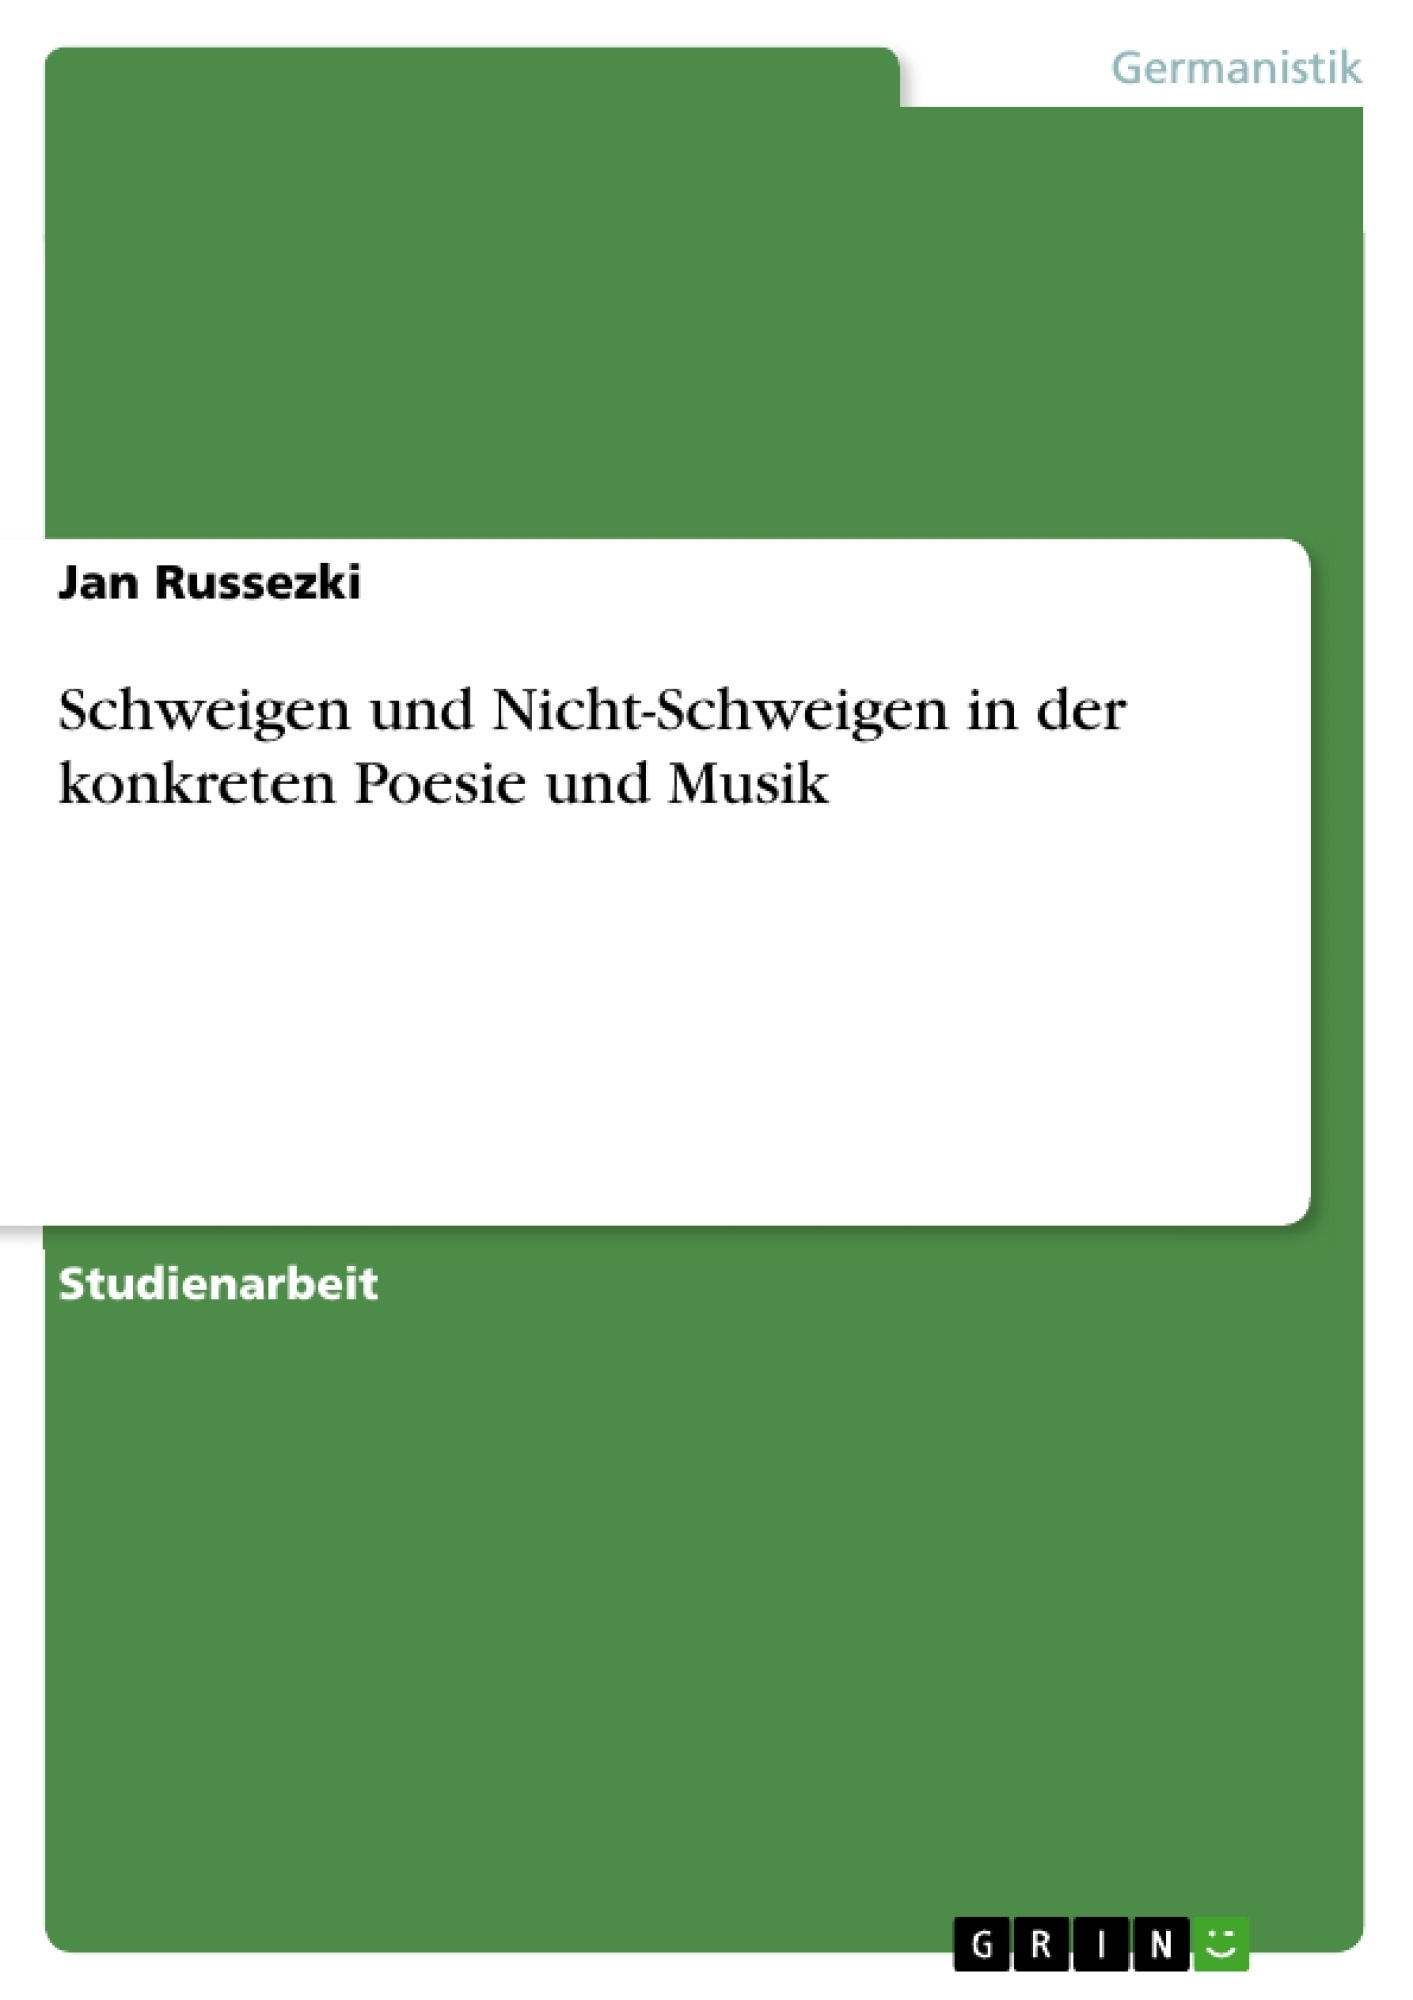 Titel: Schweigen und Nicht-Schweigen in der konkreten Poesie und Musik